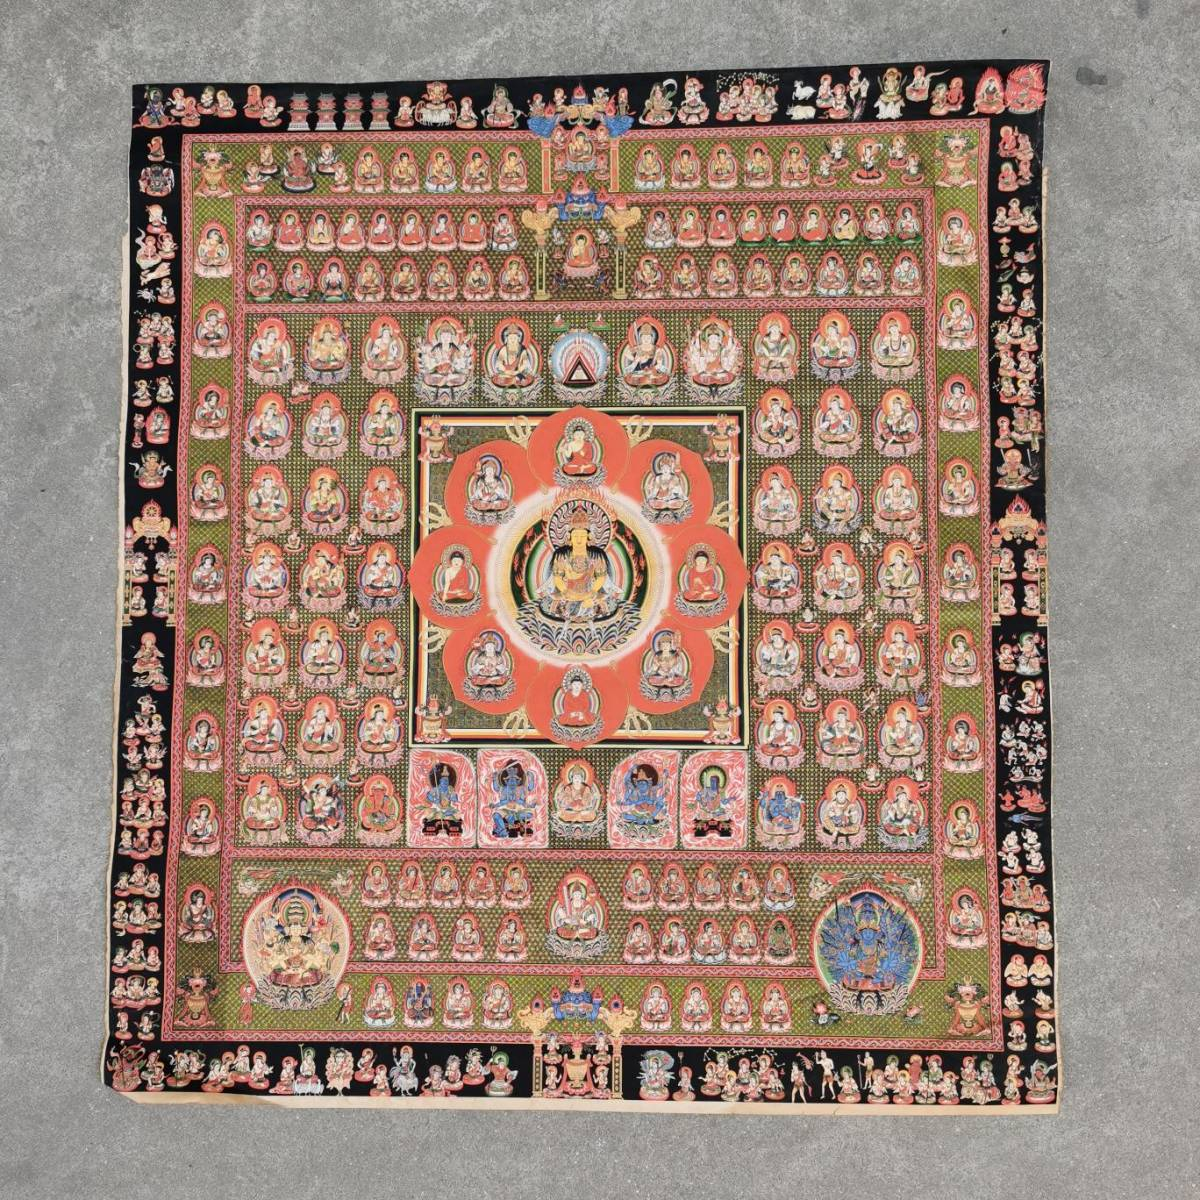 特別配布 胎蔵界 曼荼羅 曼陀羅 マンダラ チベットタントリックタンカ 印刷画  チベット仏像 大判 タンカ インテリア 装飾_画像2